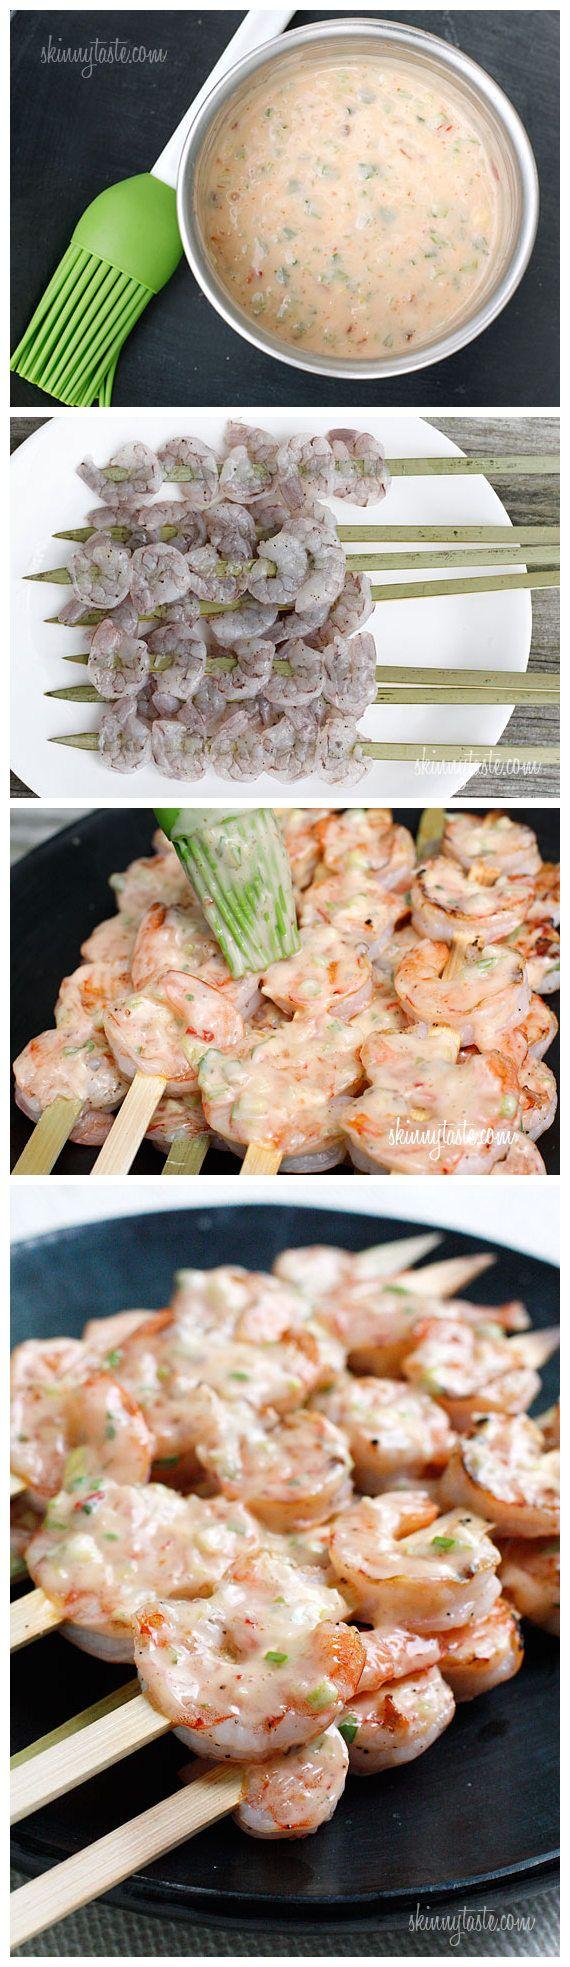 Bangin' Grilled Shrimp Skewers | Food | Pinterest